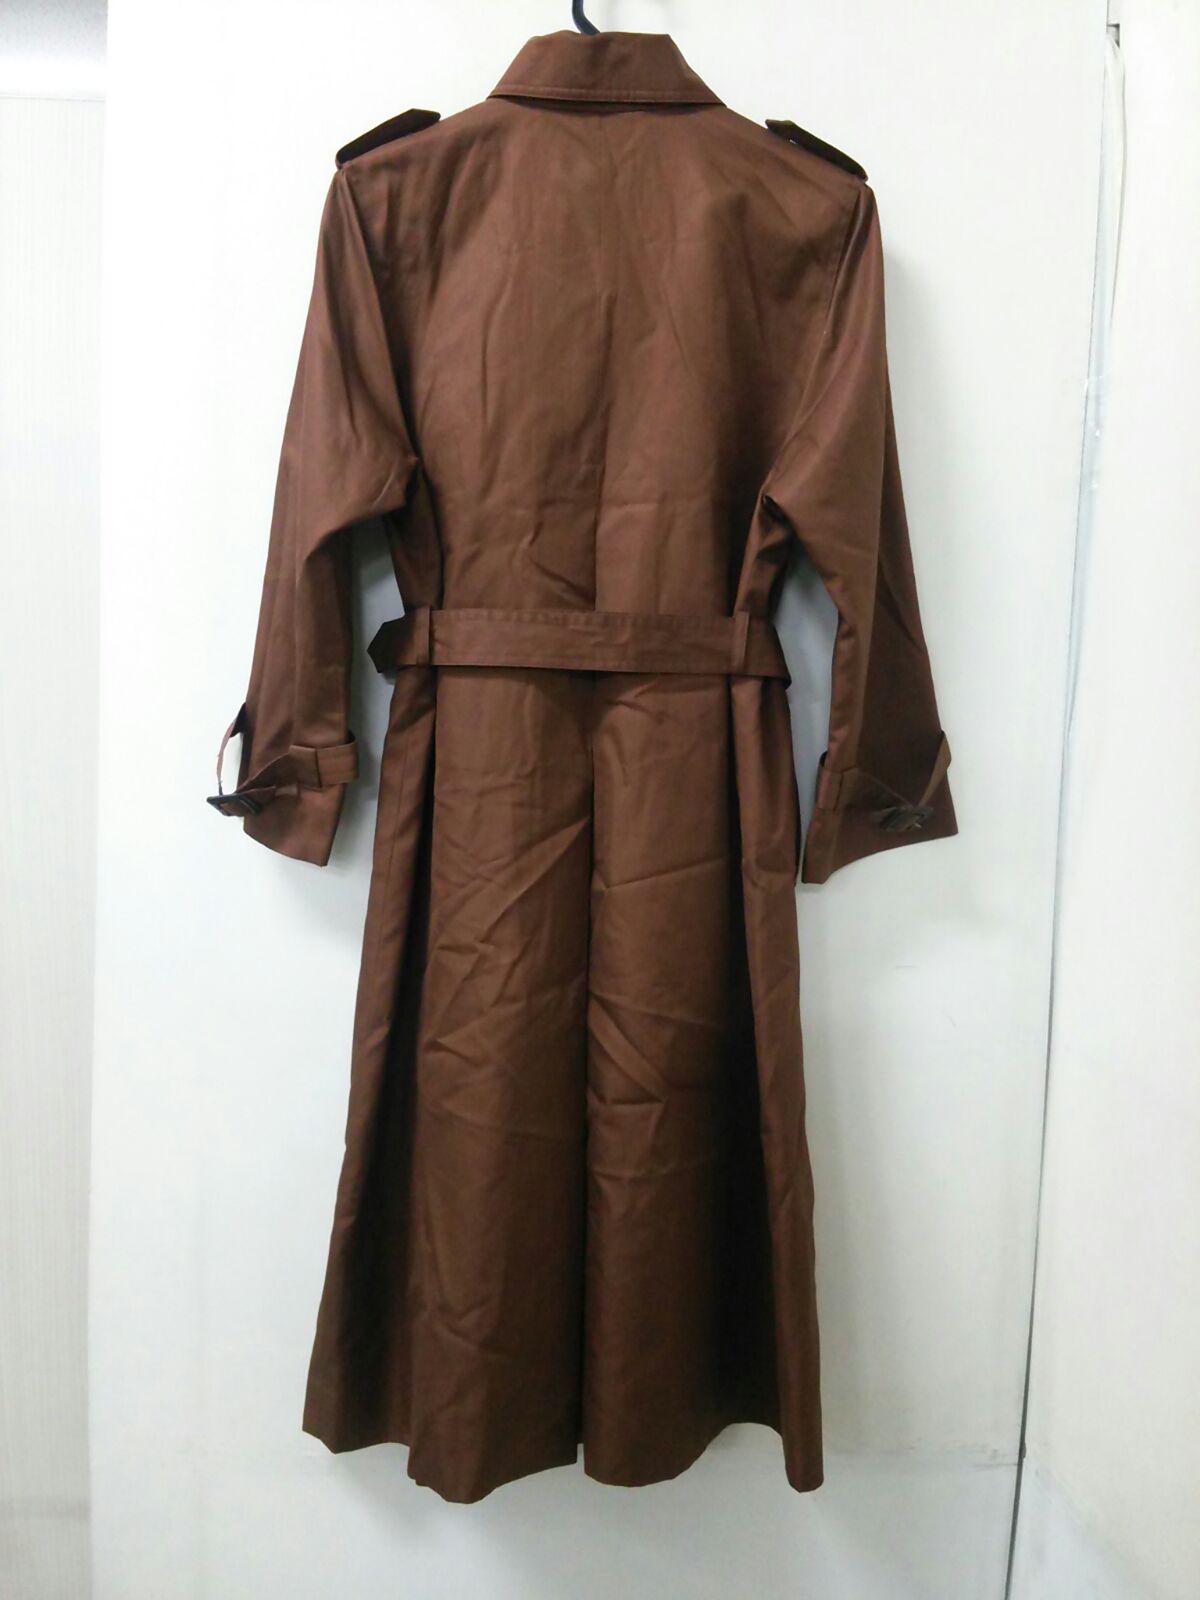 roga(ロガ)のコート